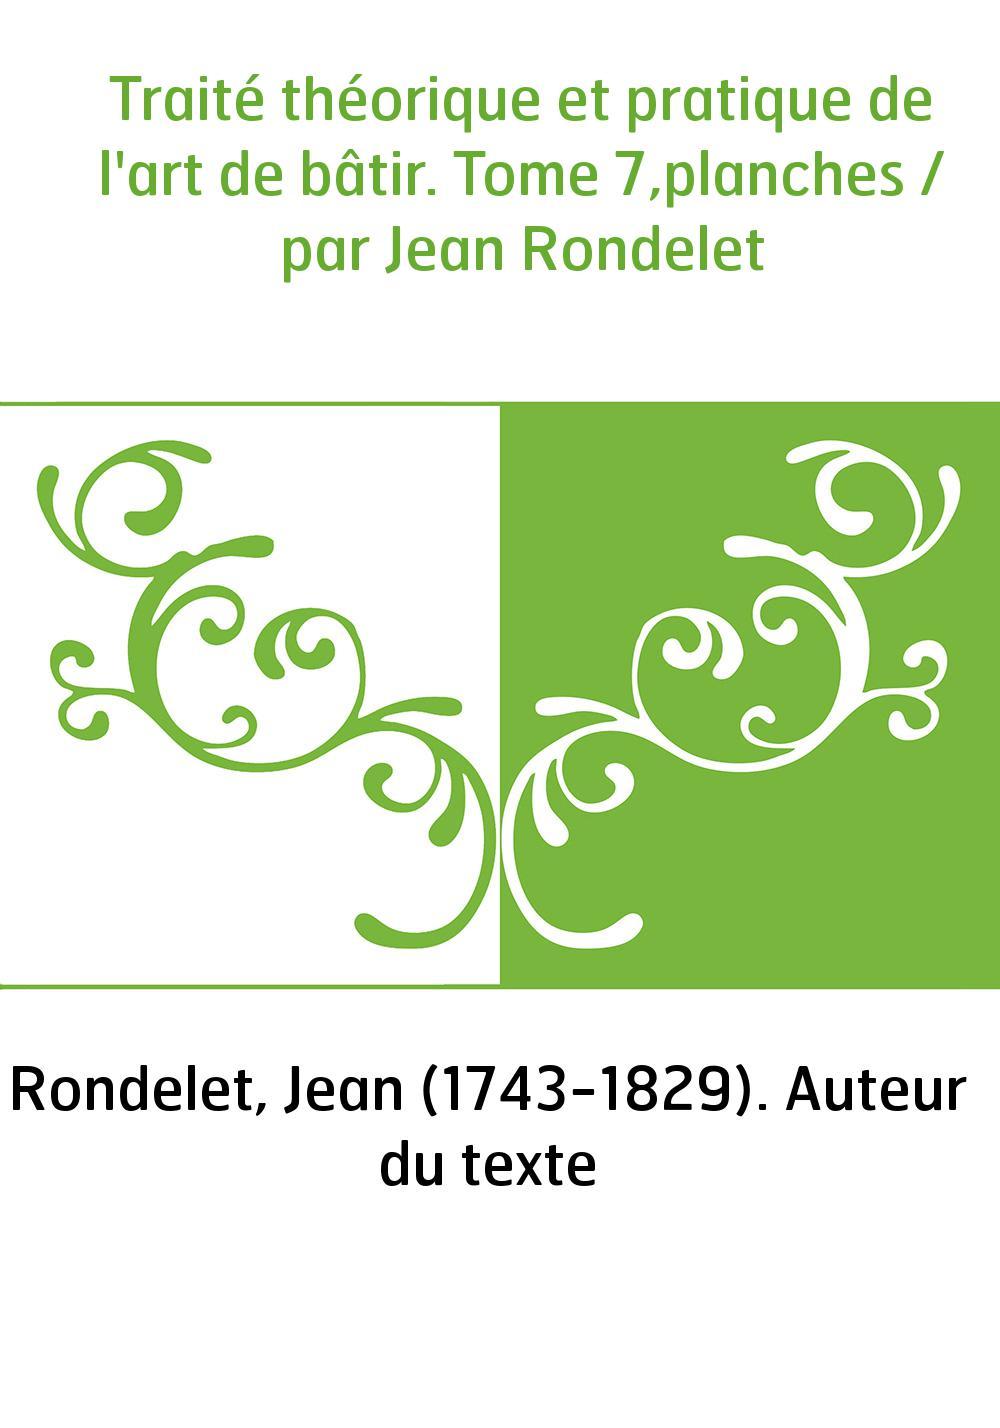 Traité théorique et pratique de l'art de bâtir. Tome 7,planches / par Jean Rondelet